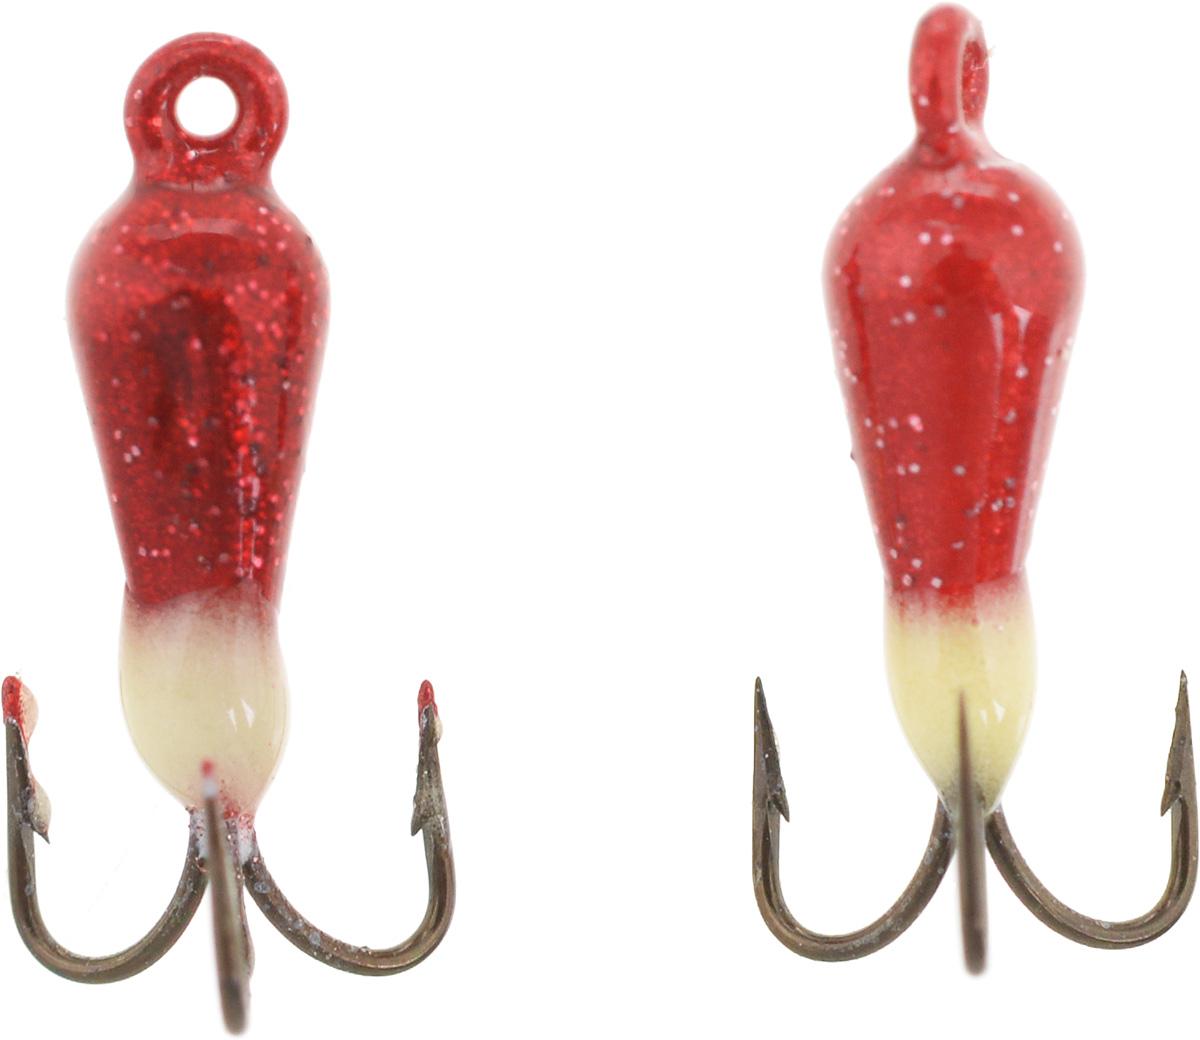 Чертик вольфрамовый Finnex, цвет: рубиновый, белый, 0,38 г, 2 шт10948Вольфрамовый чертик Finnex - одна из самых популярных приманок для ловли леща, плотвы и другой белой рыбы. Особенно хорошо работает приманка на всевозможных водохранилищах. Не пропустит ее и другая рыба, в том числе окунь, судак и щука.